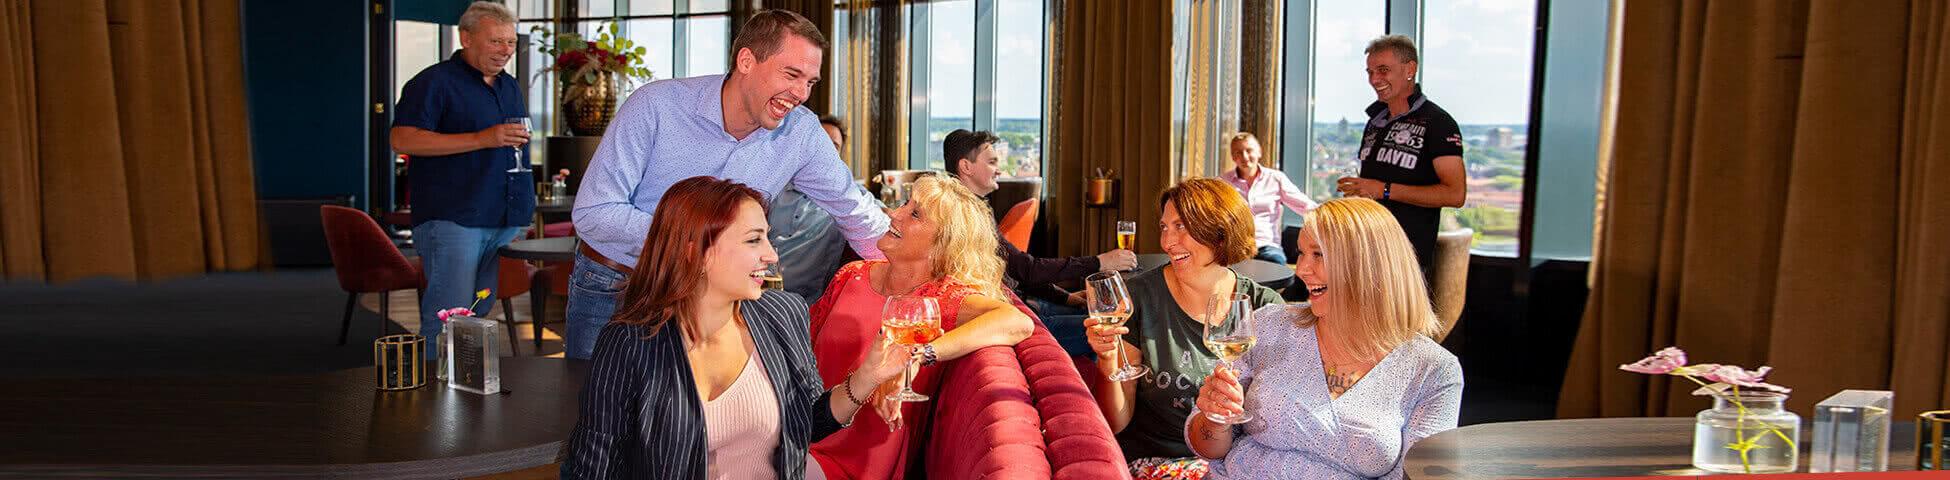 Lachende Gruppe sitzt in der Skybar im Van der Valk Hotel Tiel